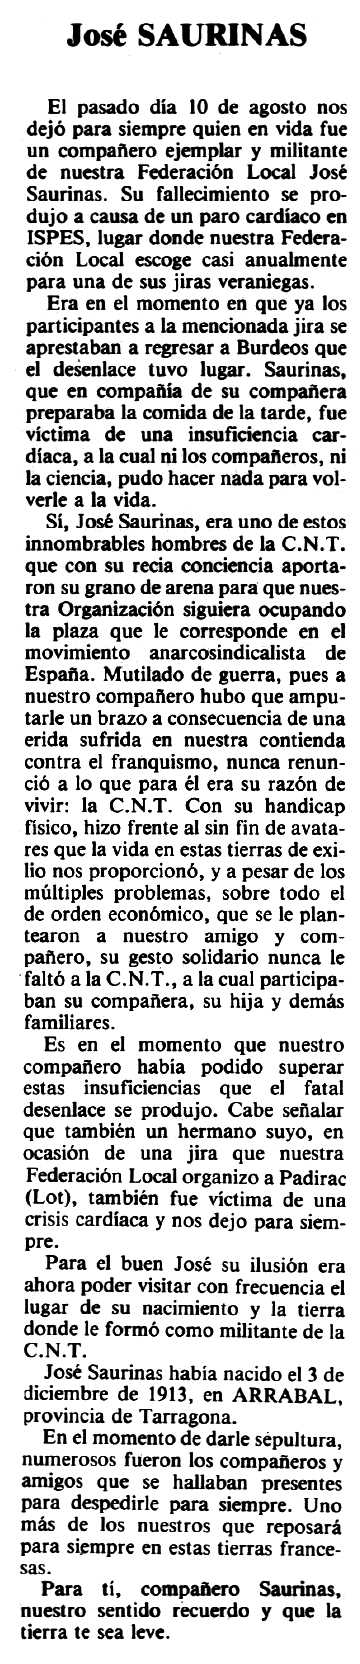 """Necrològica, amb dades diferents, de Josep Saurina Fabregat apareguda en el periòdic tolosà """"Espoir"""" del 18 de gener de 1981"""